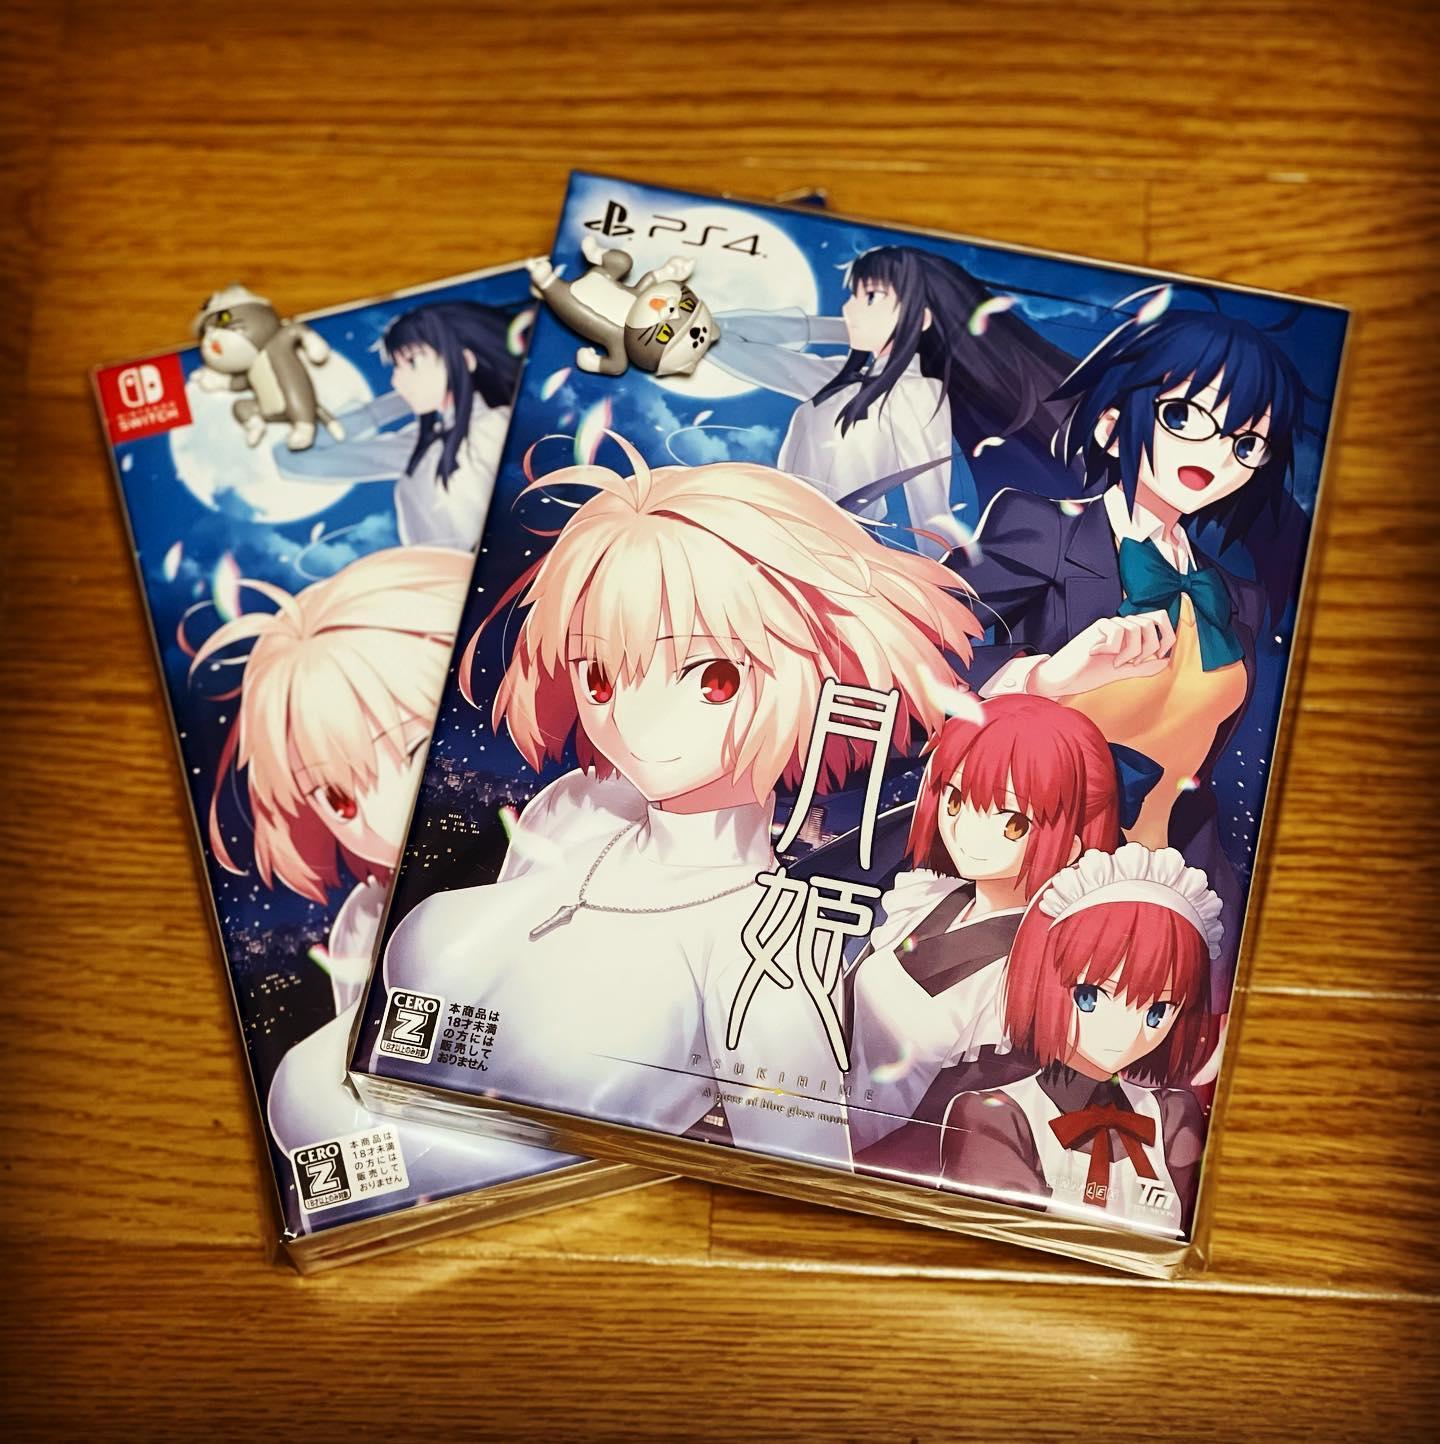 「月姫 -A piece of blue glass moon- 初回限定版」届いた! なぜか?PS4版、スイッチ版の両方買っちゃた。(無駄遣い)